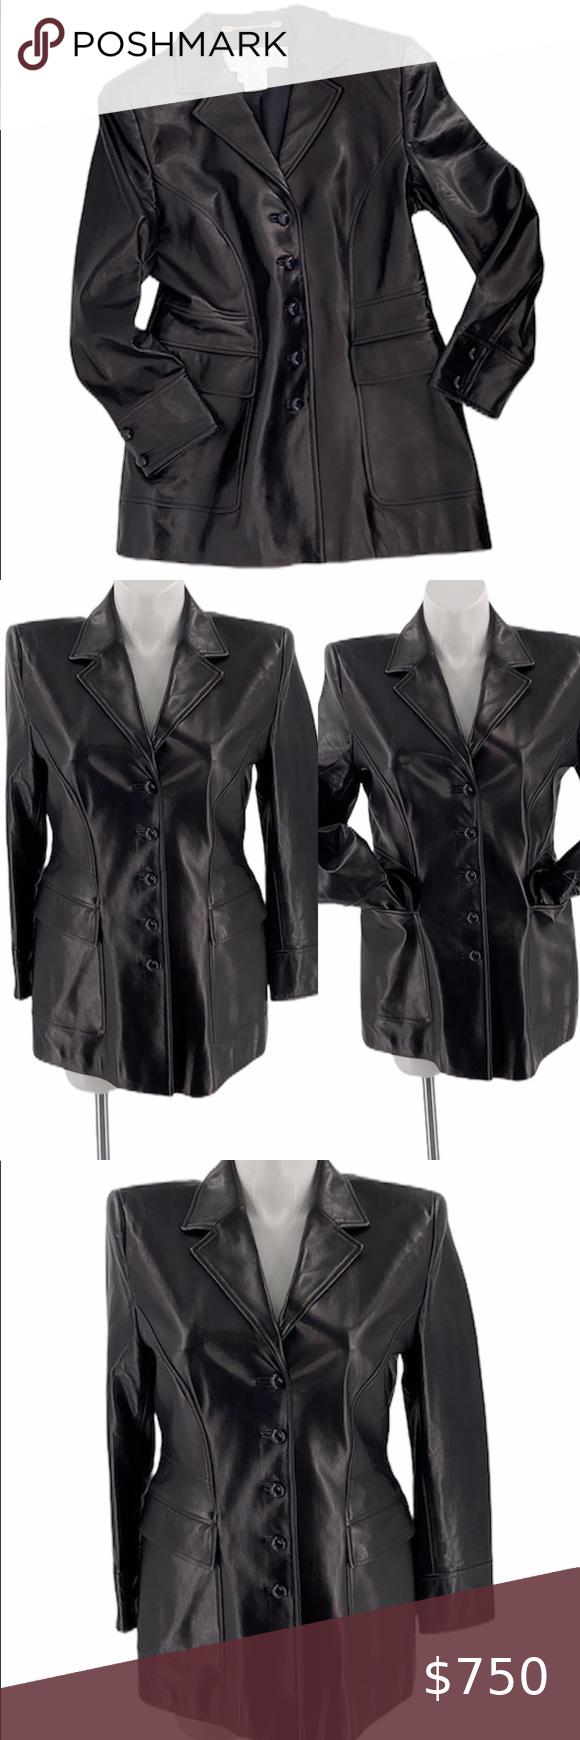 Escada Black Leather Jacket Large 44 Has Pockets Escada Leather Coat Jacket Black Soft Supple Excellent Pre Leather Jacket Black Leather Coat Escada Jacket [ 1740 x 580 Pixel ]